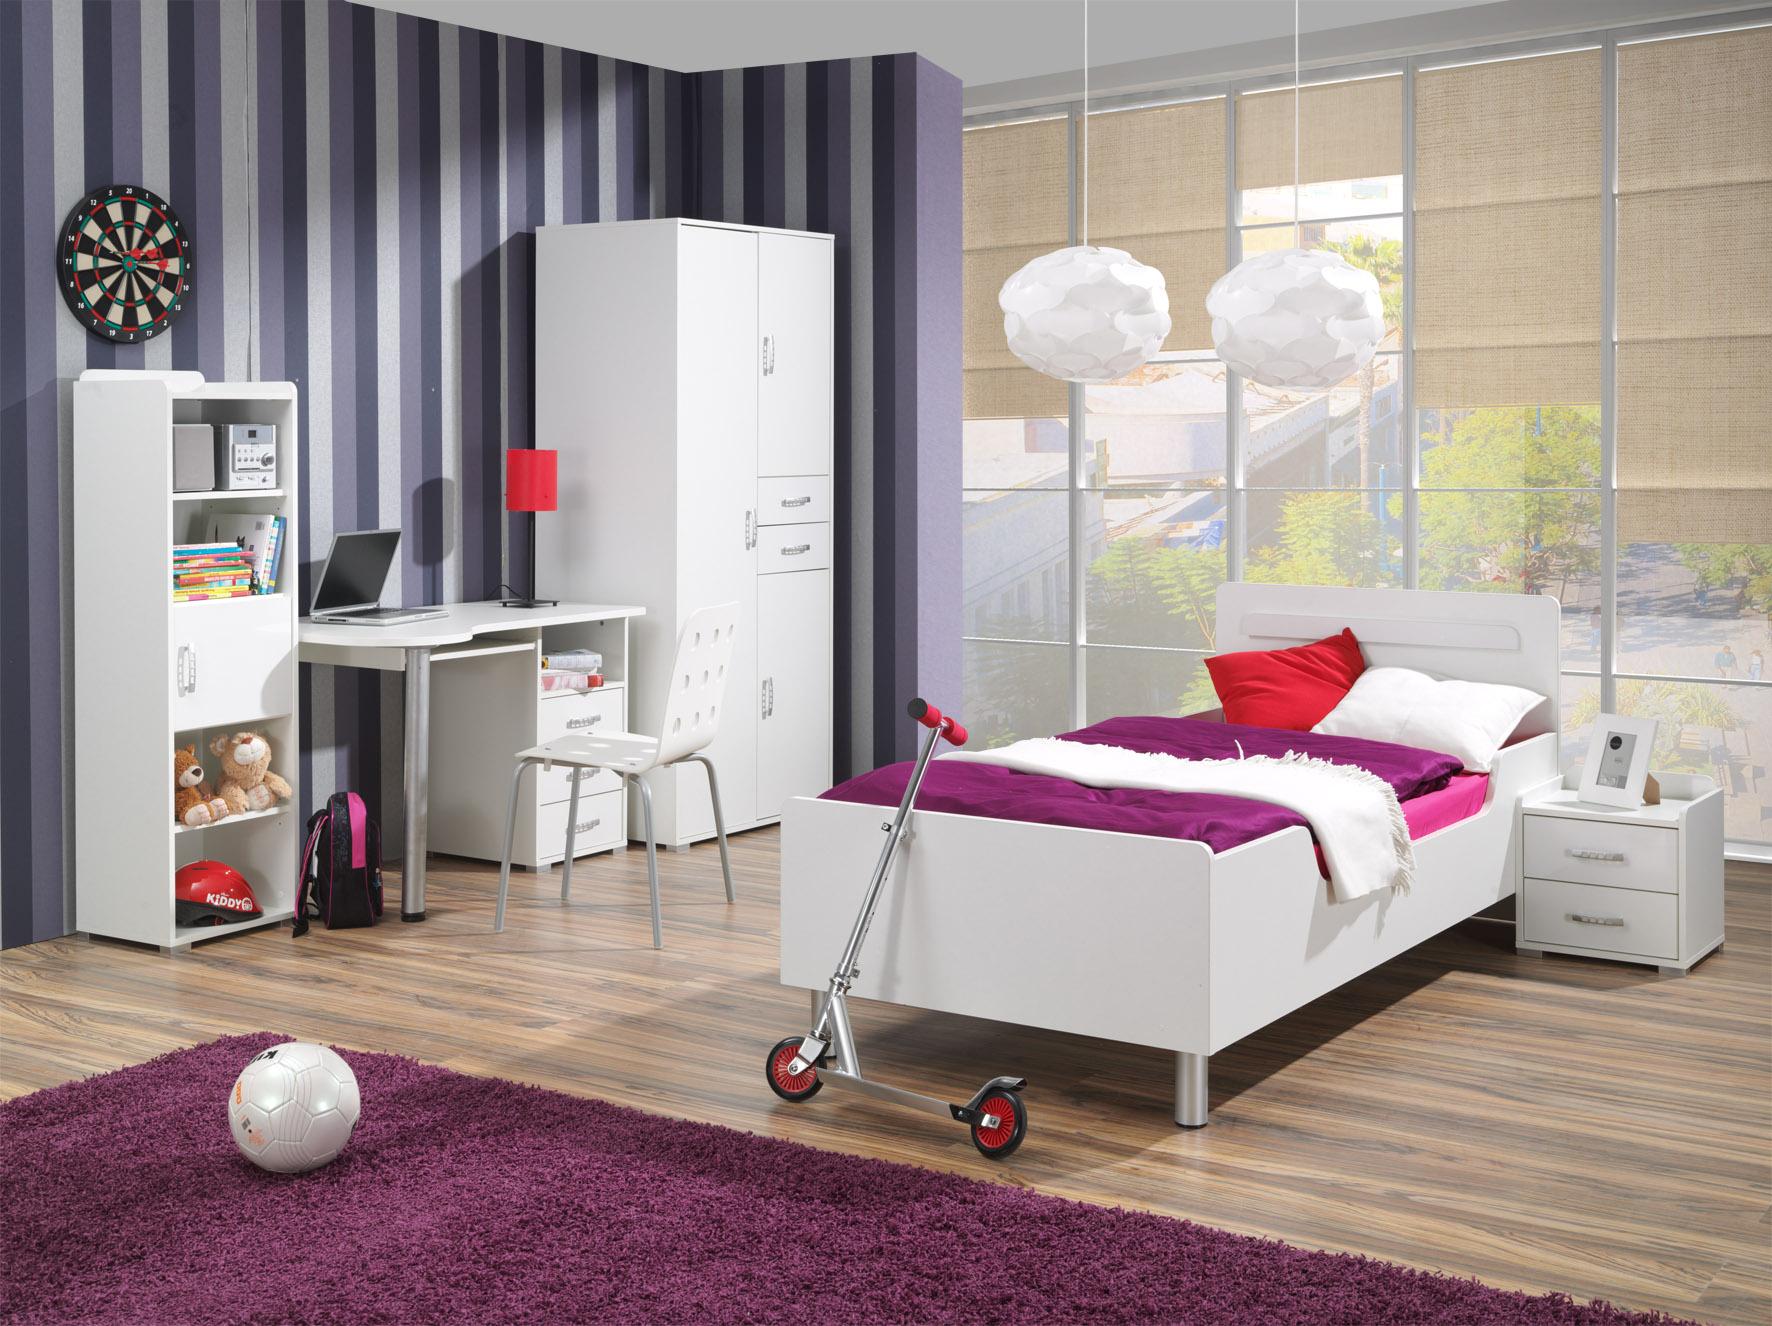 chambre nemo moins cher nkl meuble wassa et deco. Black Bedroom Furniture Sets. Home Design Ideas